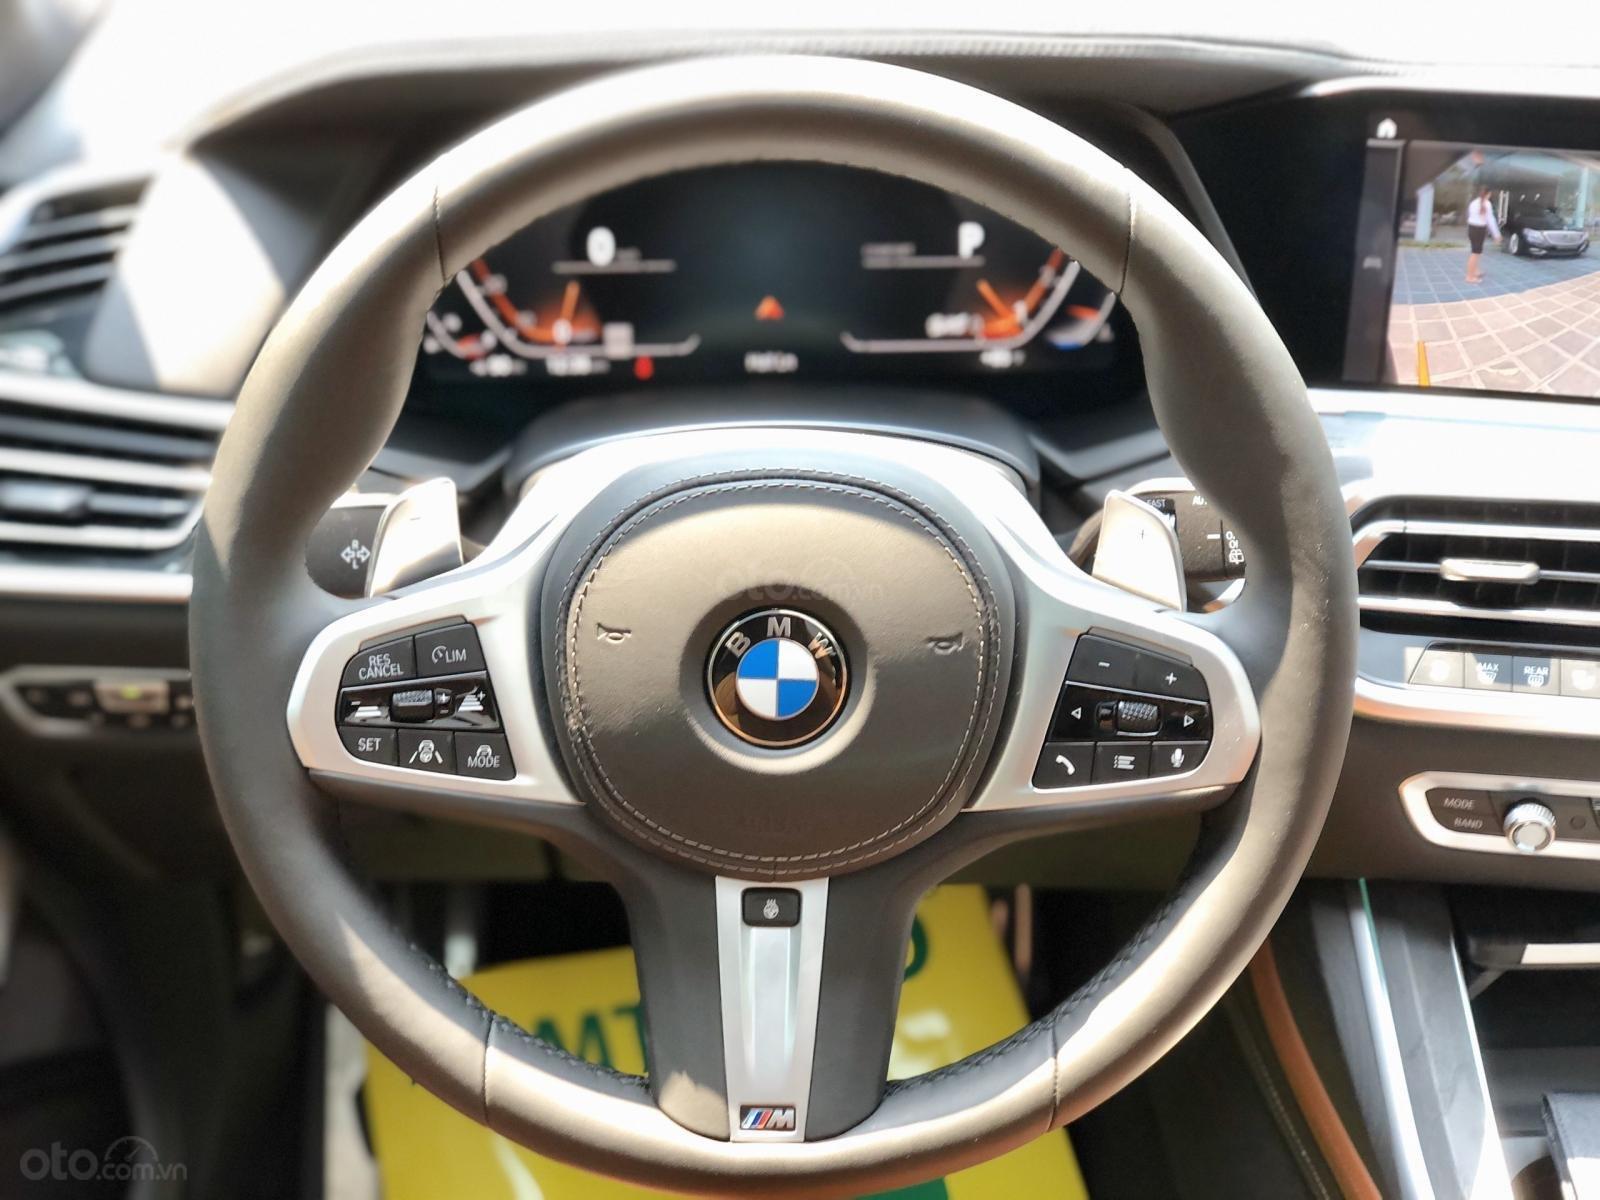 Bán BMW X7 XDrive40i M-Sport sản xuất năm 2019 full kịch option, màu đen, xe nhập Mỹ, LH 0982.84.2838 (9)